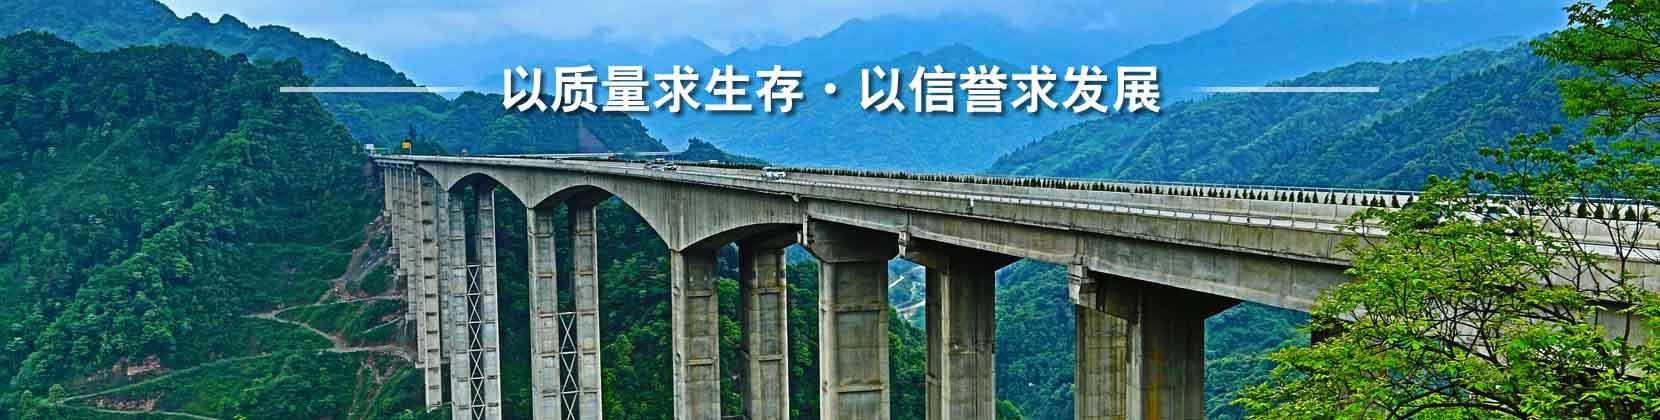 菠luo视频app官wang下载_菠luo蜜app视频wu入kou安zhuo下载_菠luo蜜视频appwupian成年版下载橡塑公铁路桥pei套工cheng材料研发中心